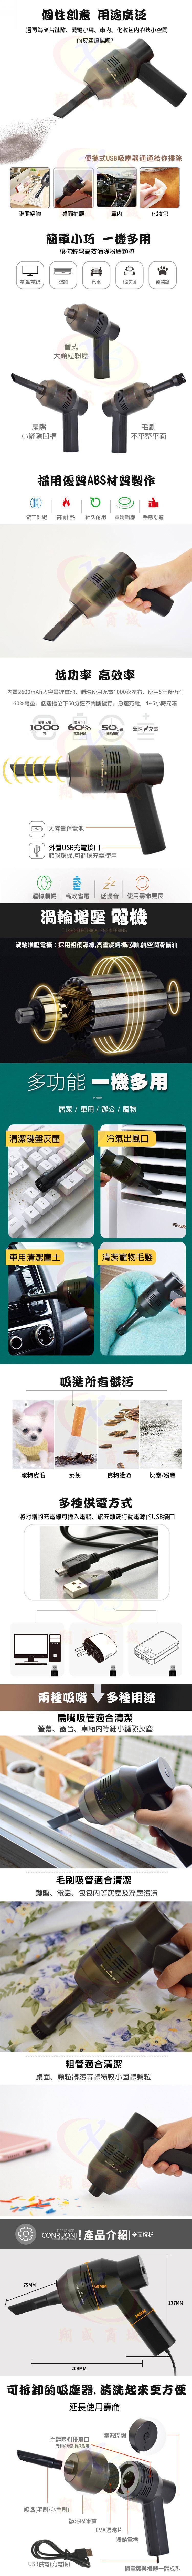 無線迷你吸塵器 USB充電 18650電池吸塵器 手持小型強大吸力吸塵器 小夾縫隙清潔 電腦主機螢幕鍵盤桌面 車用吸塵器